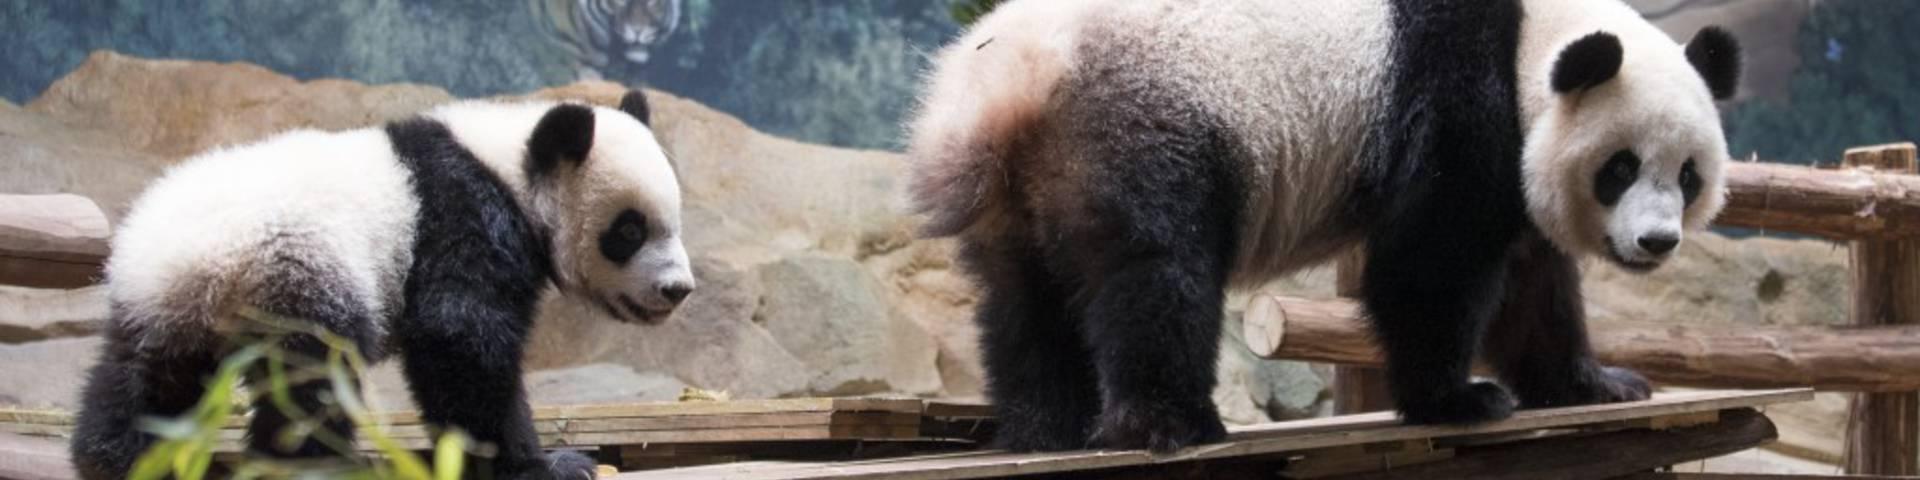 Bébé Panda ZooParc de Beauval